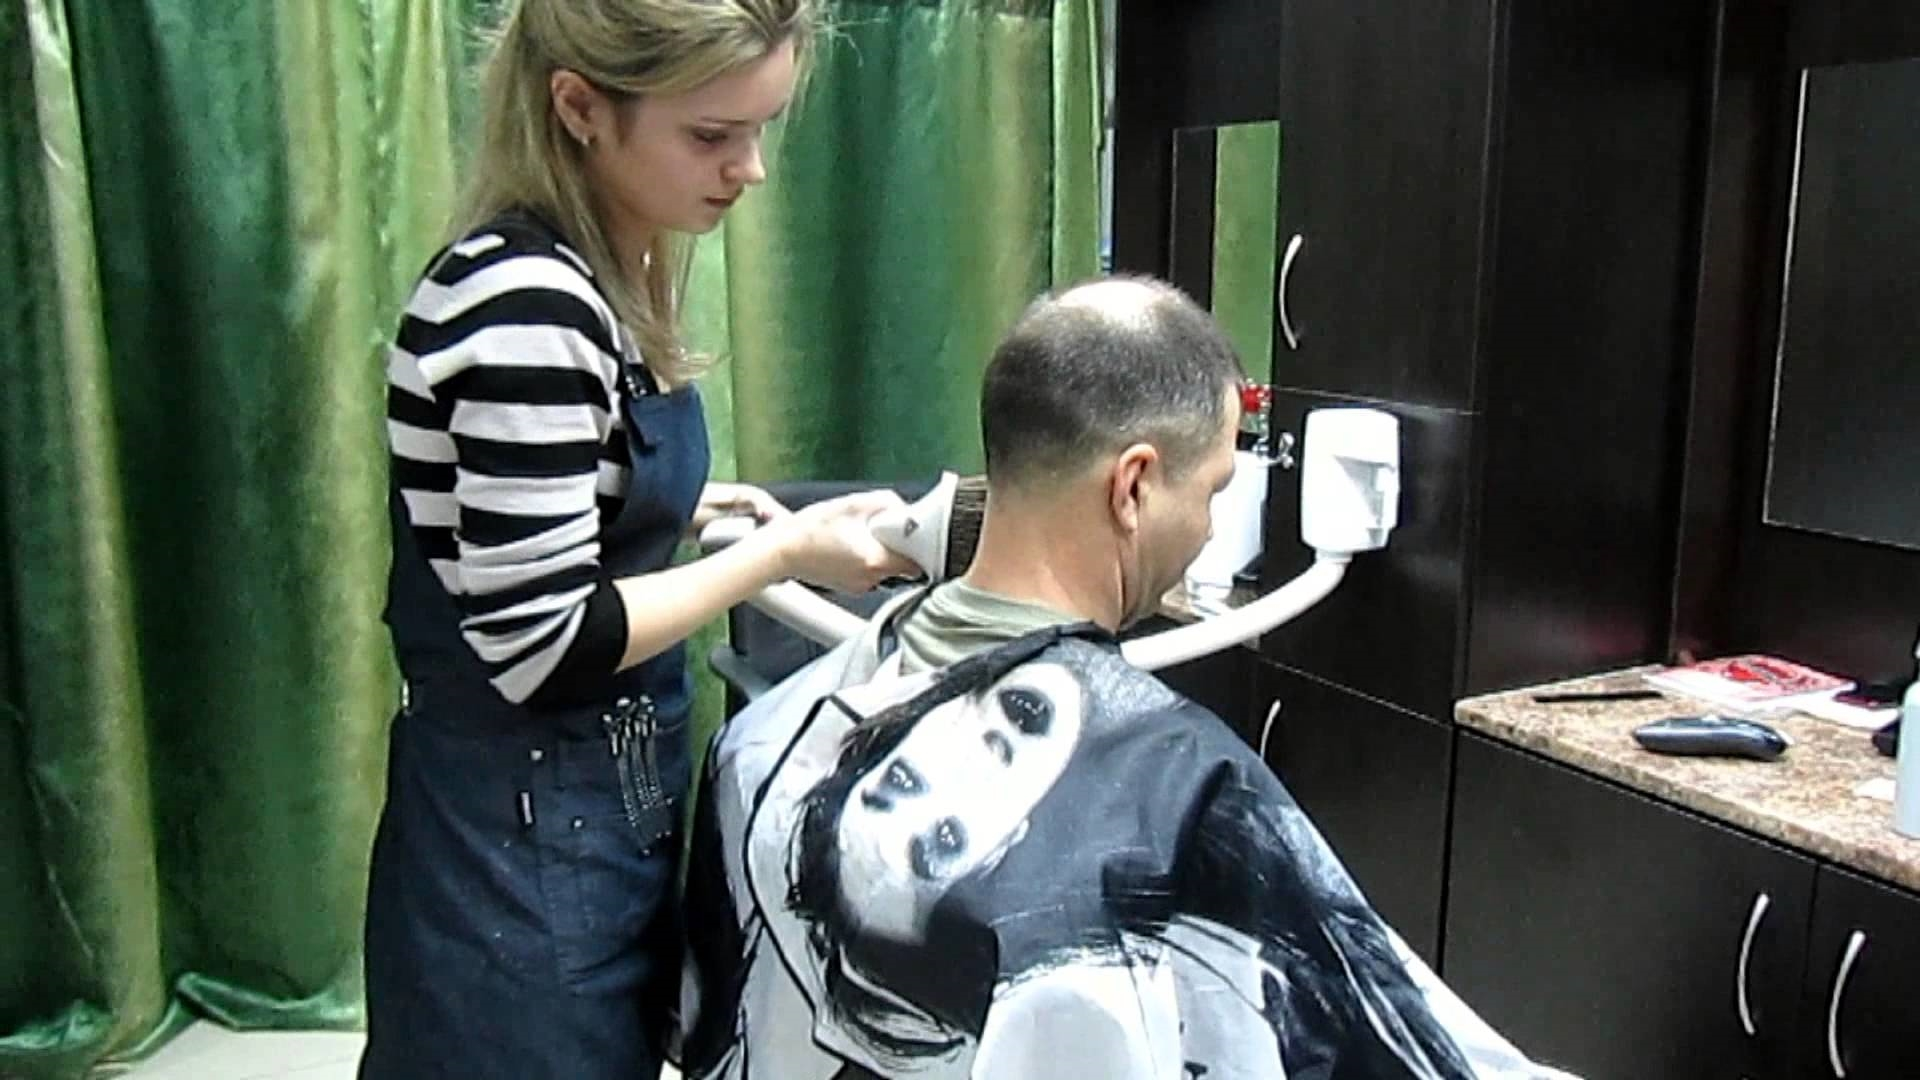 Lực hút khỏe, bộ lọc tốt - tiêu chí hàng đầu để mua máy hút bụi cho salon tóc